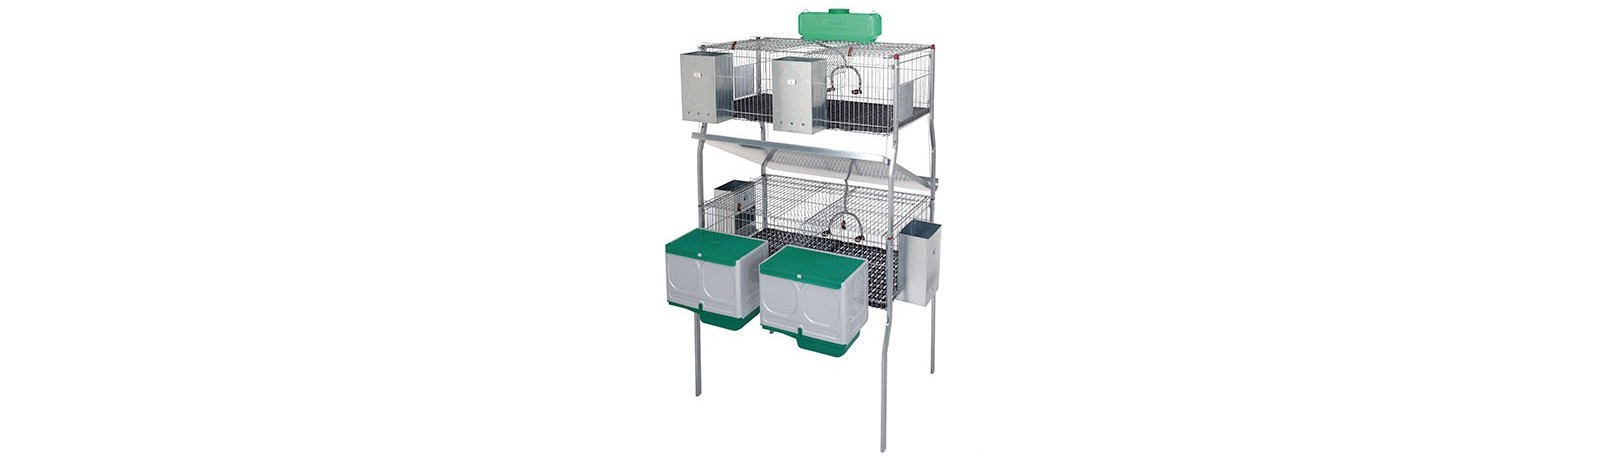 Fabricant de Cages pour Lapins